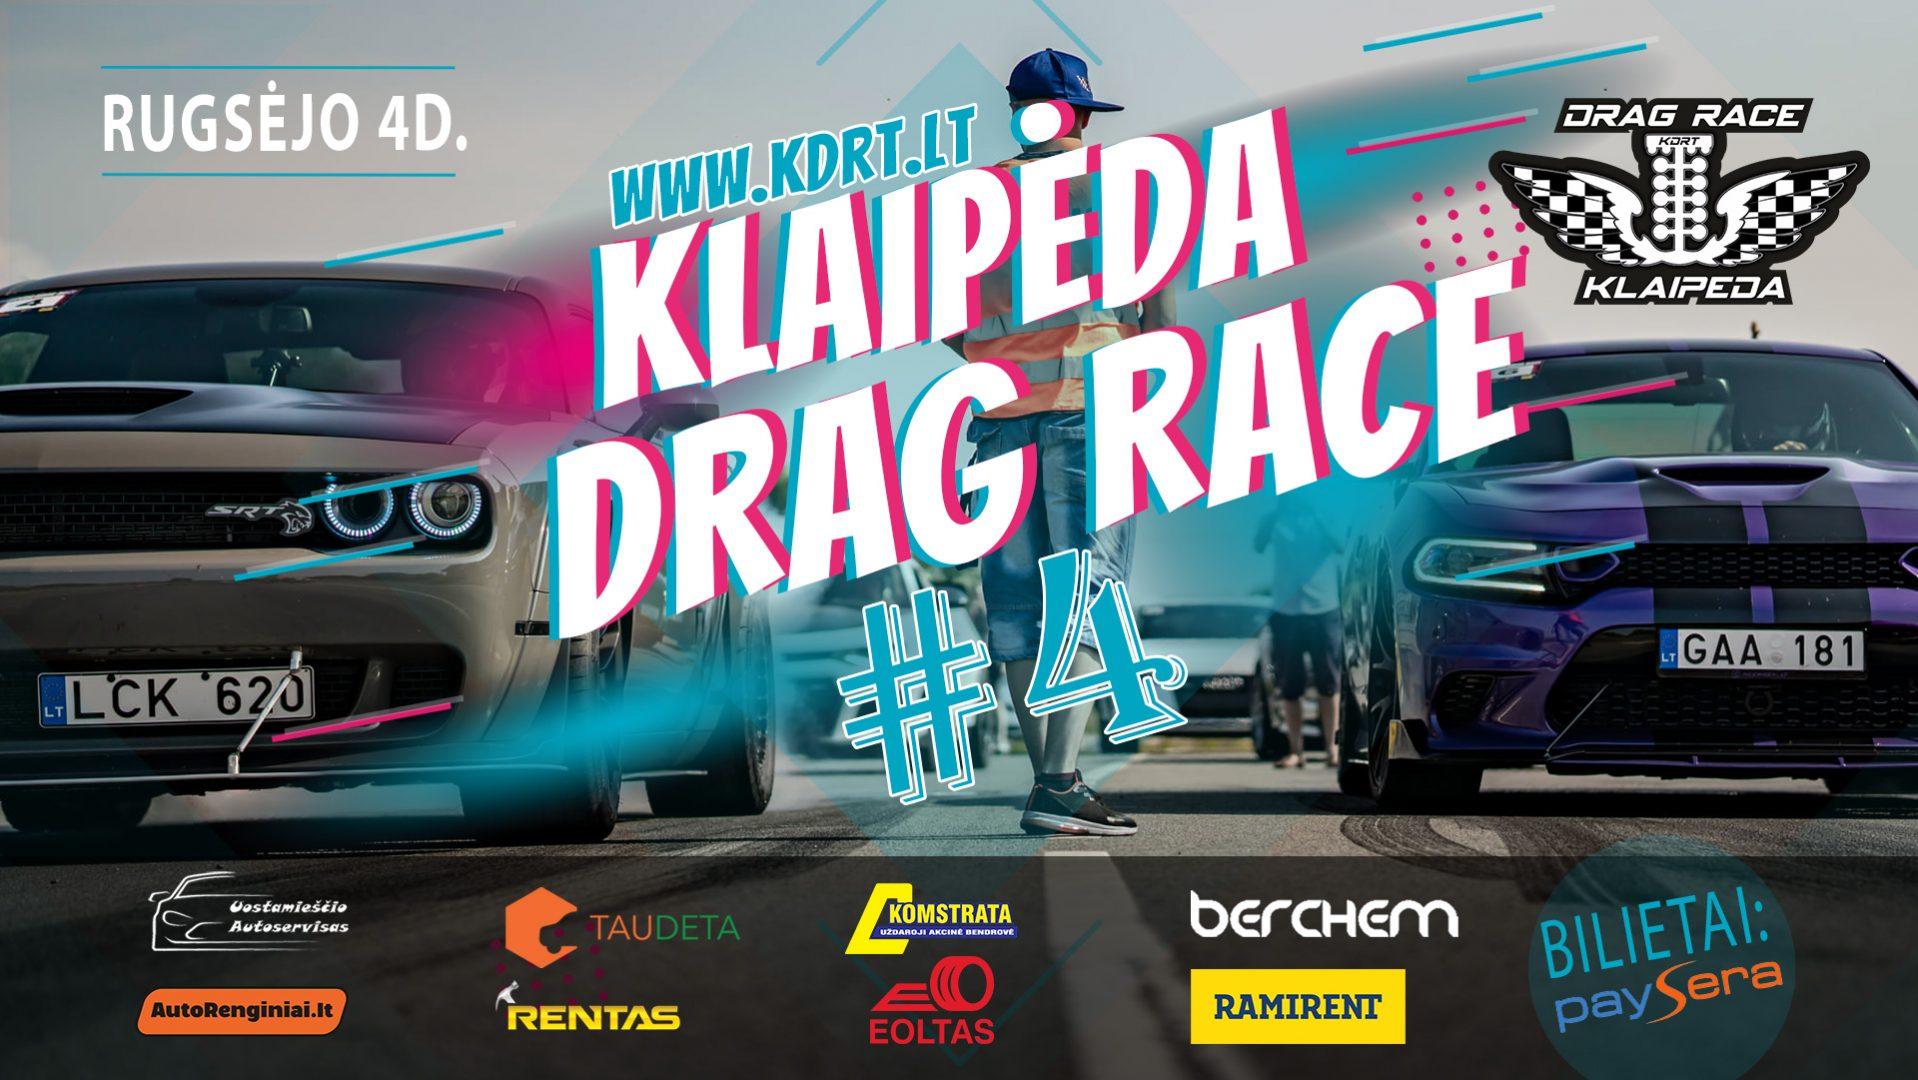 Klaipėda Drag Race Stage #4